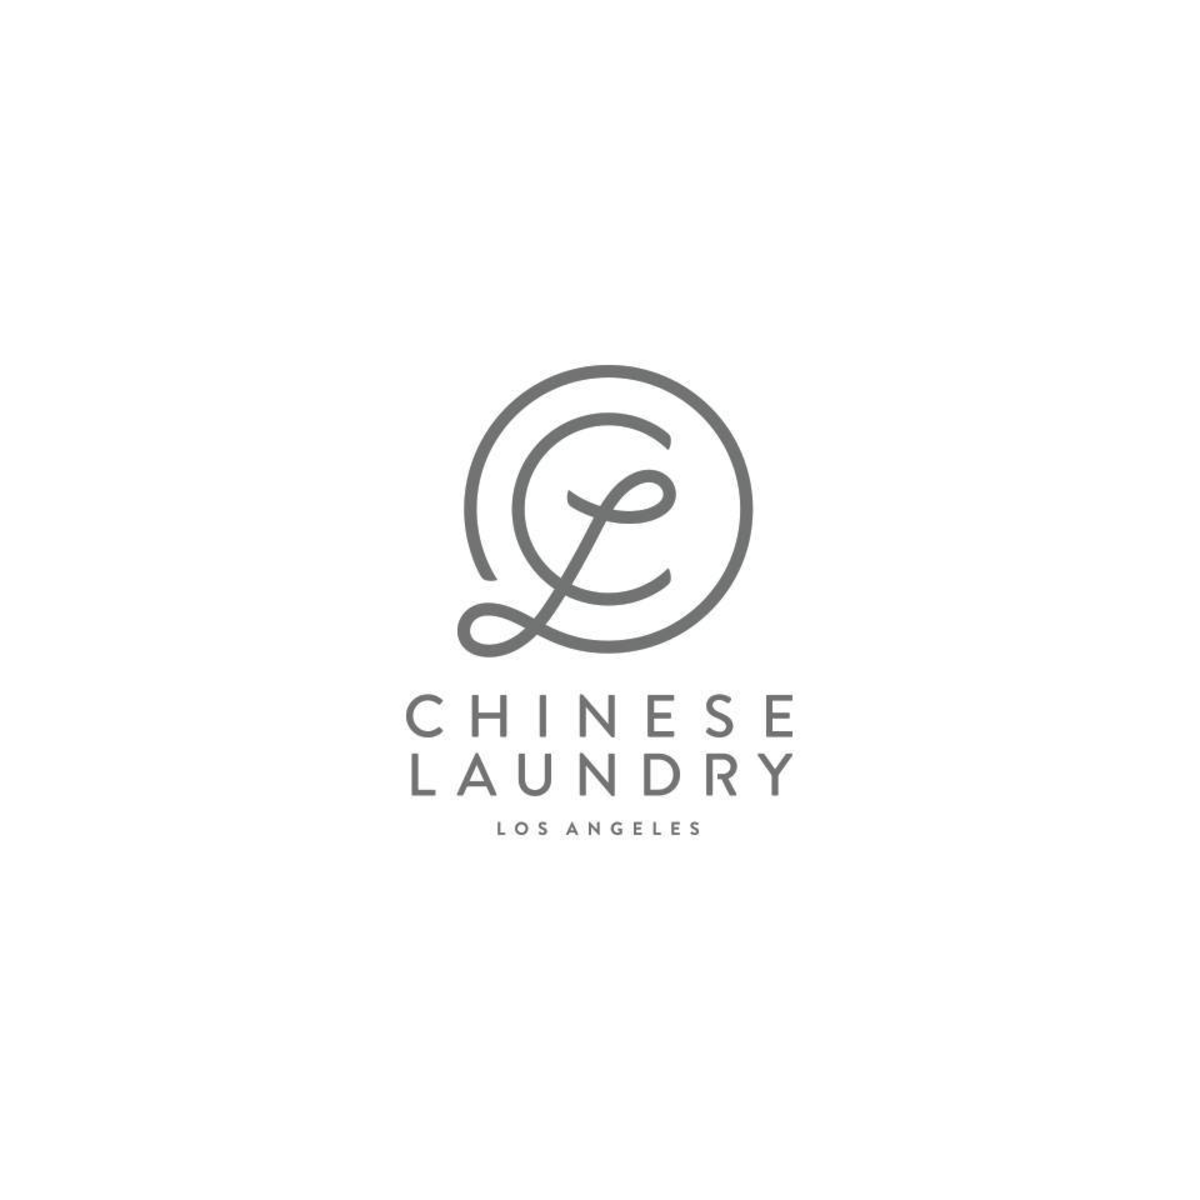 Chinese Laundry Lifestyle